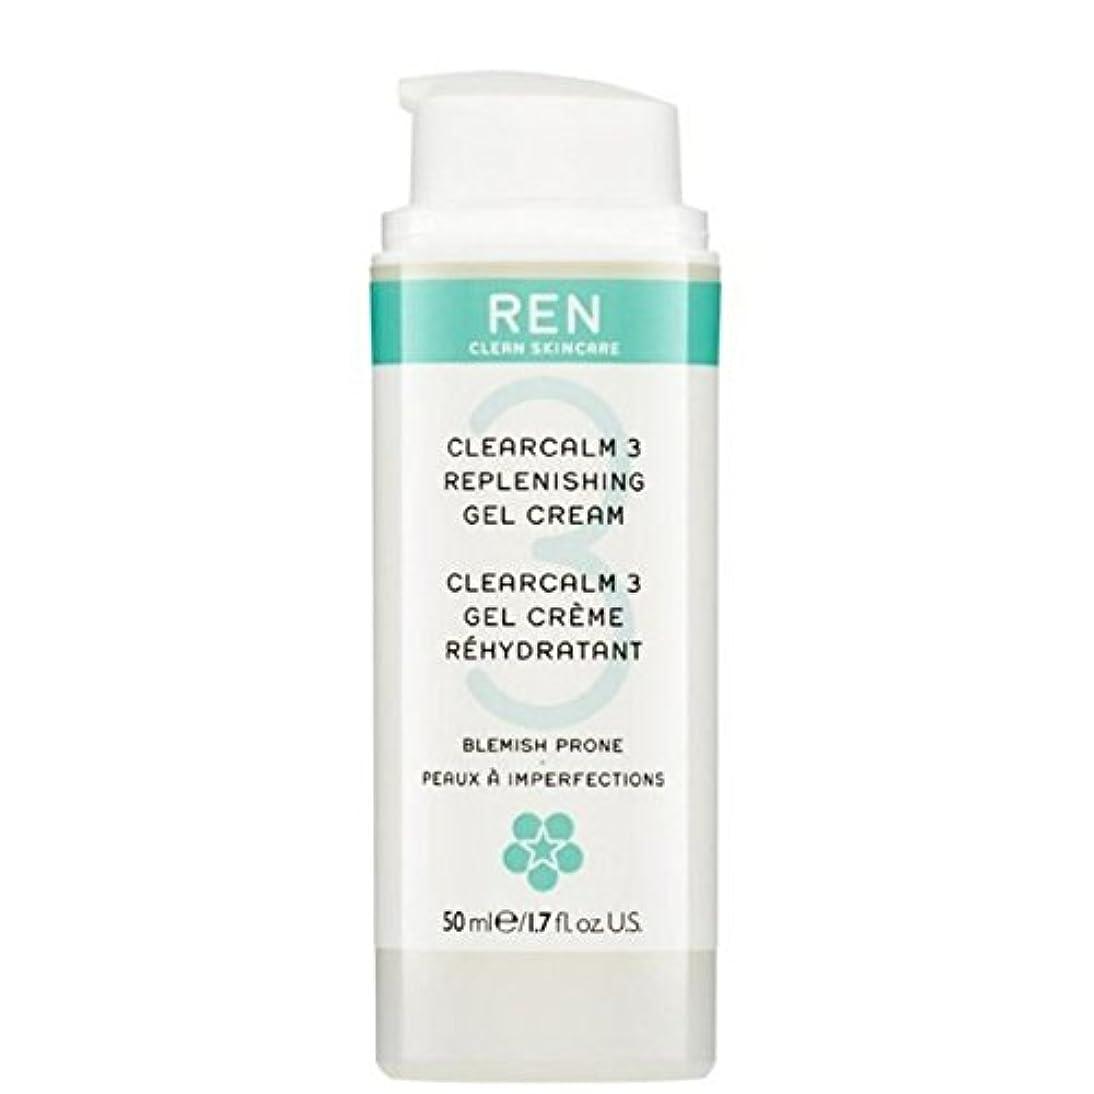 優しさ根拠同一の3補給ゲルクリーム x4 - REN Clearcalm 3 Replenishing Gel Cream (Pack of 4) [並行輸入品]